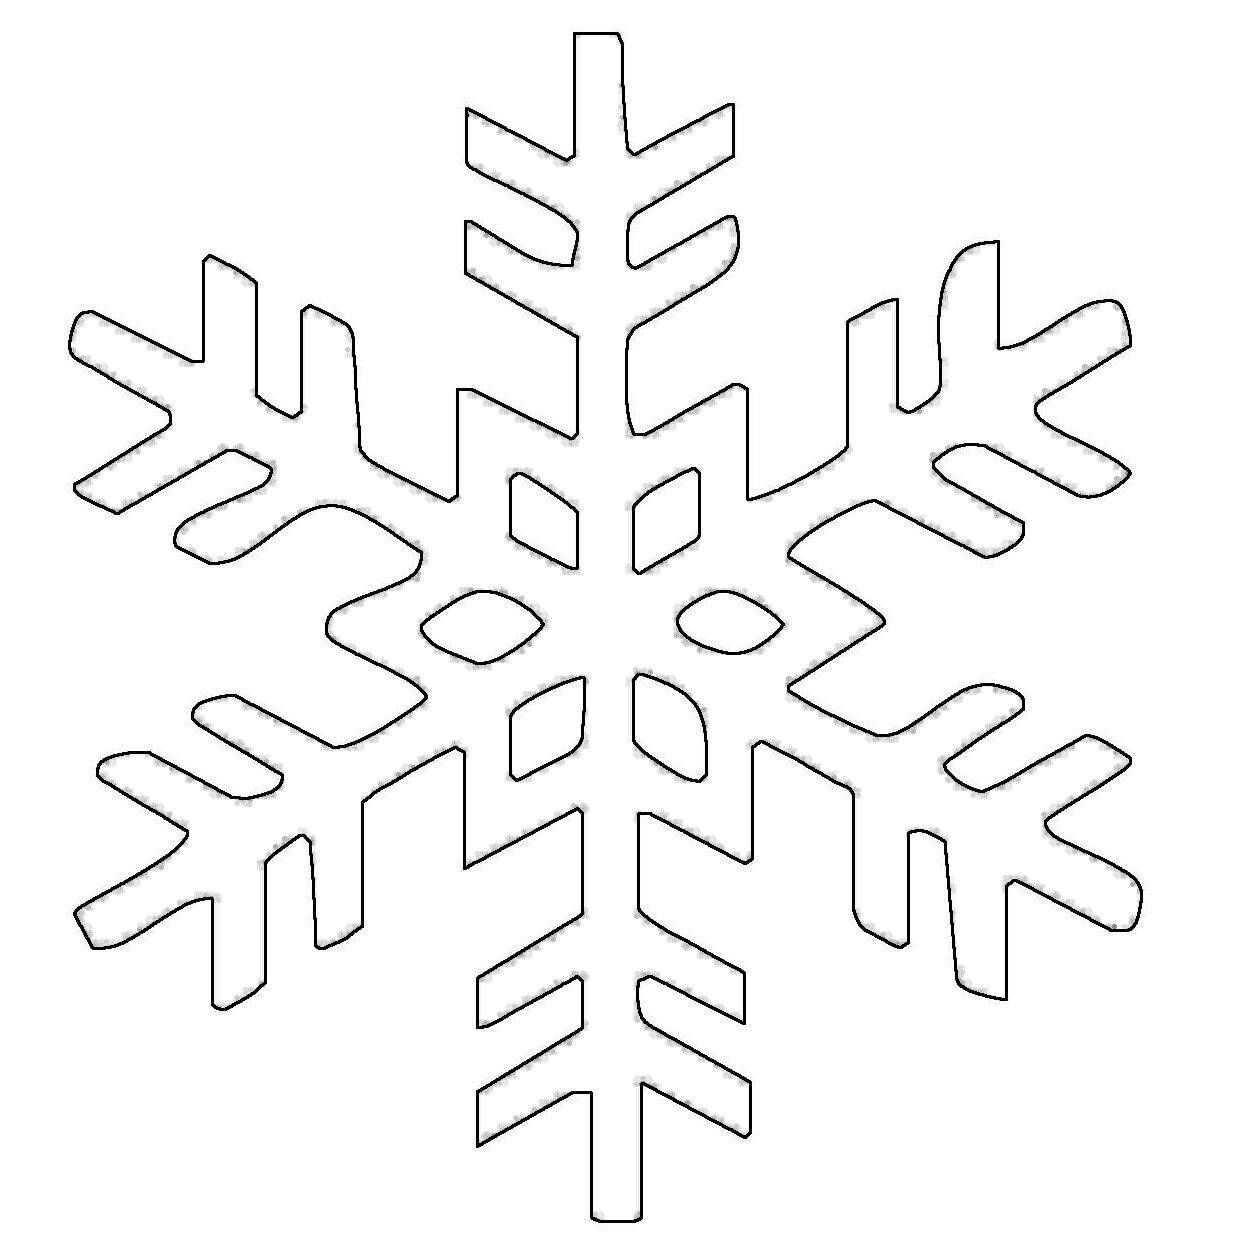 Ausmalbild Schneeflocken Und Sterne Schneeflocke 8 Kostenlos Ausdrucken Schneeflocken Basteln Vorlage Schneeflocke Vorlage Schneeflocken Basteln